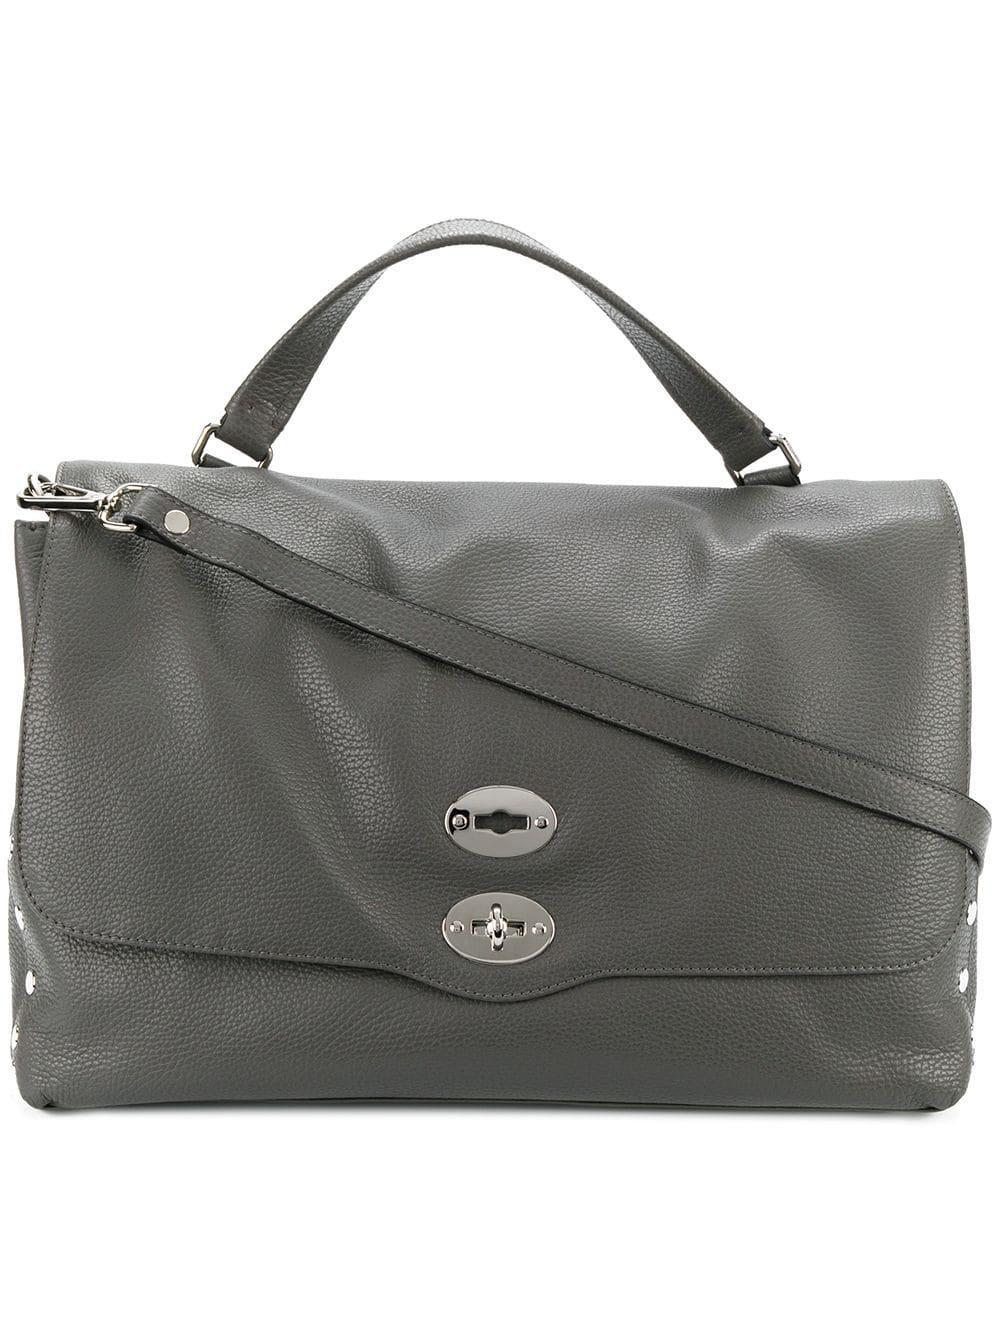 Zanellato Leather Daily Postina Tote in Grey (Grey)